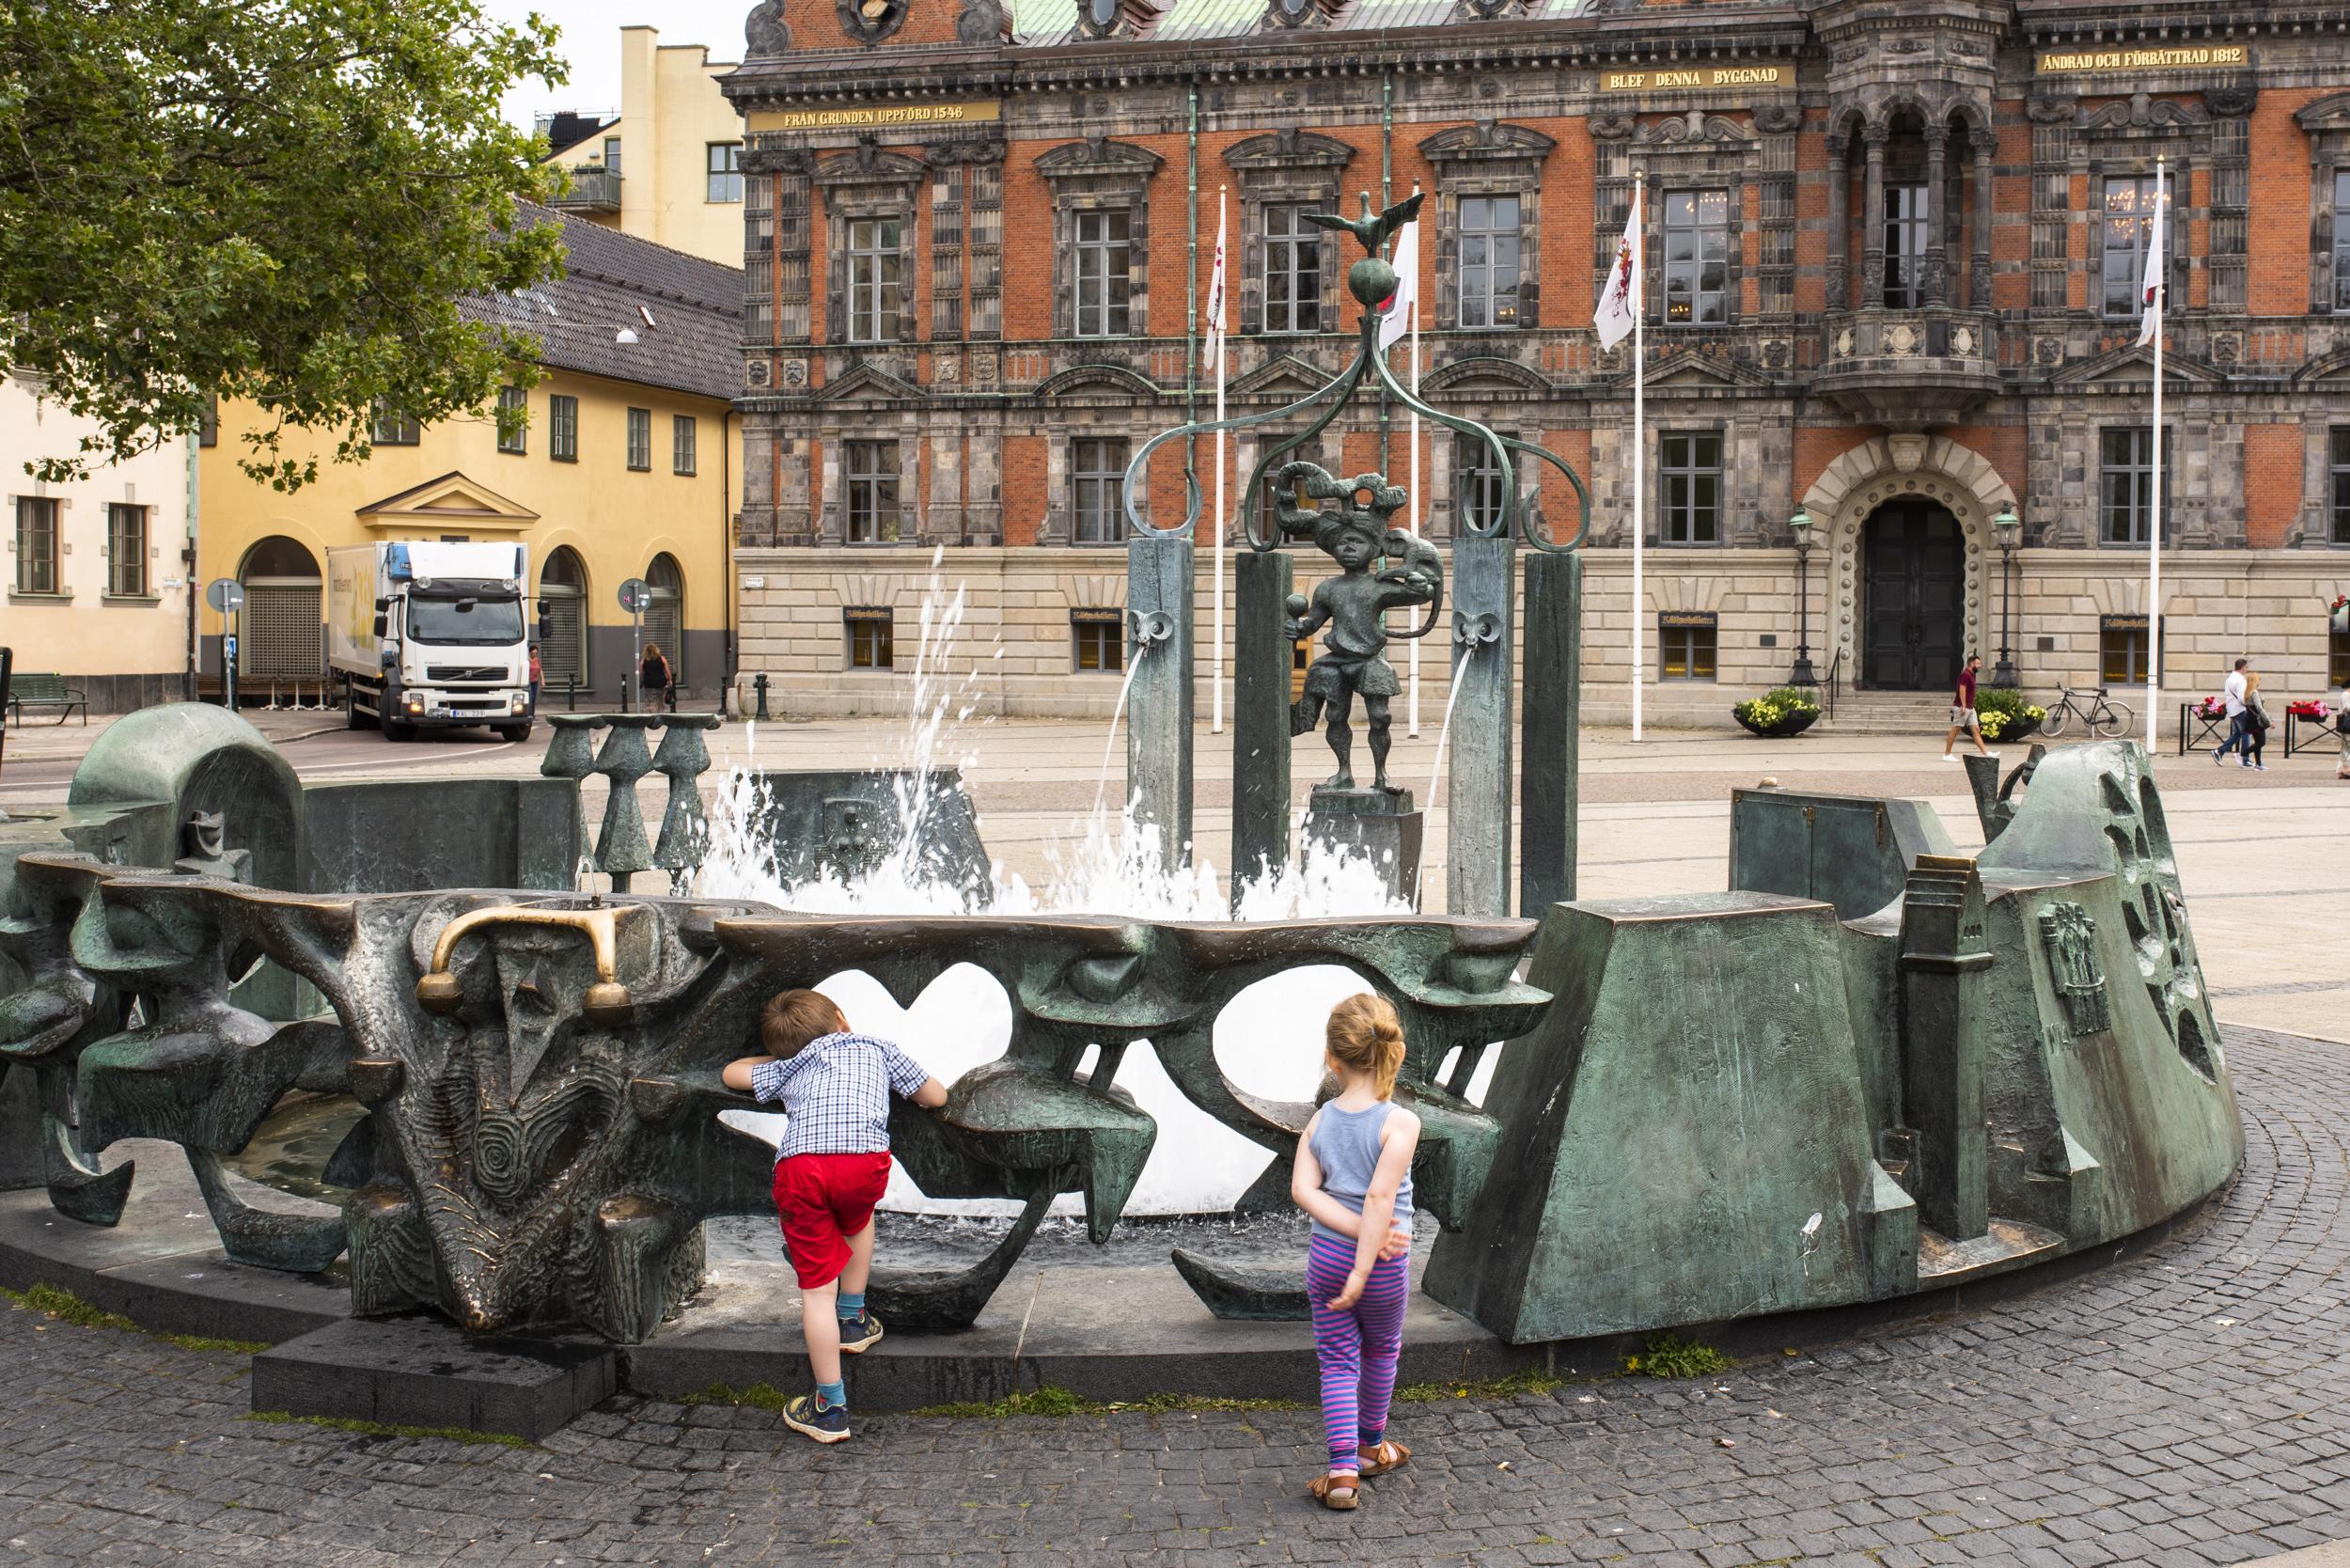 Vatten är alltid kul för barn, och fontäner med vatten är ju extra kul!